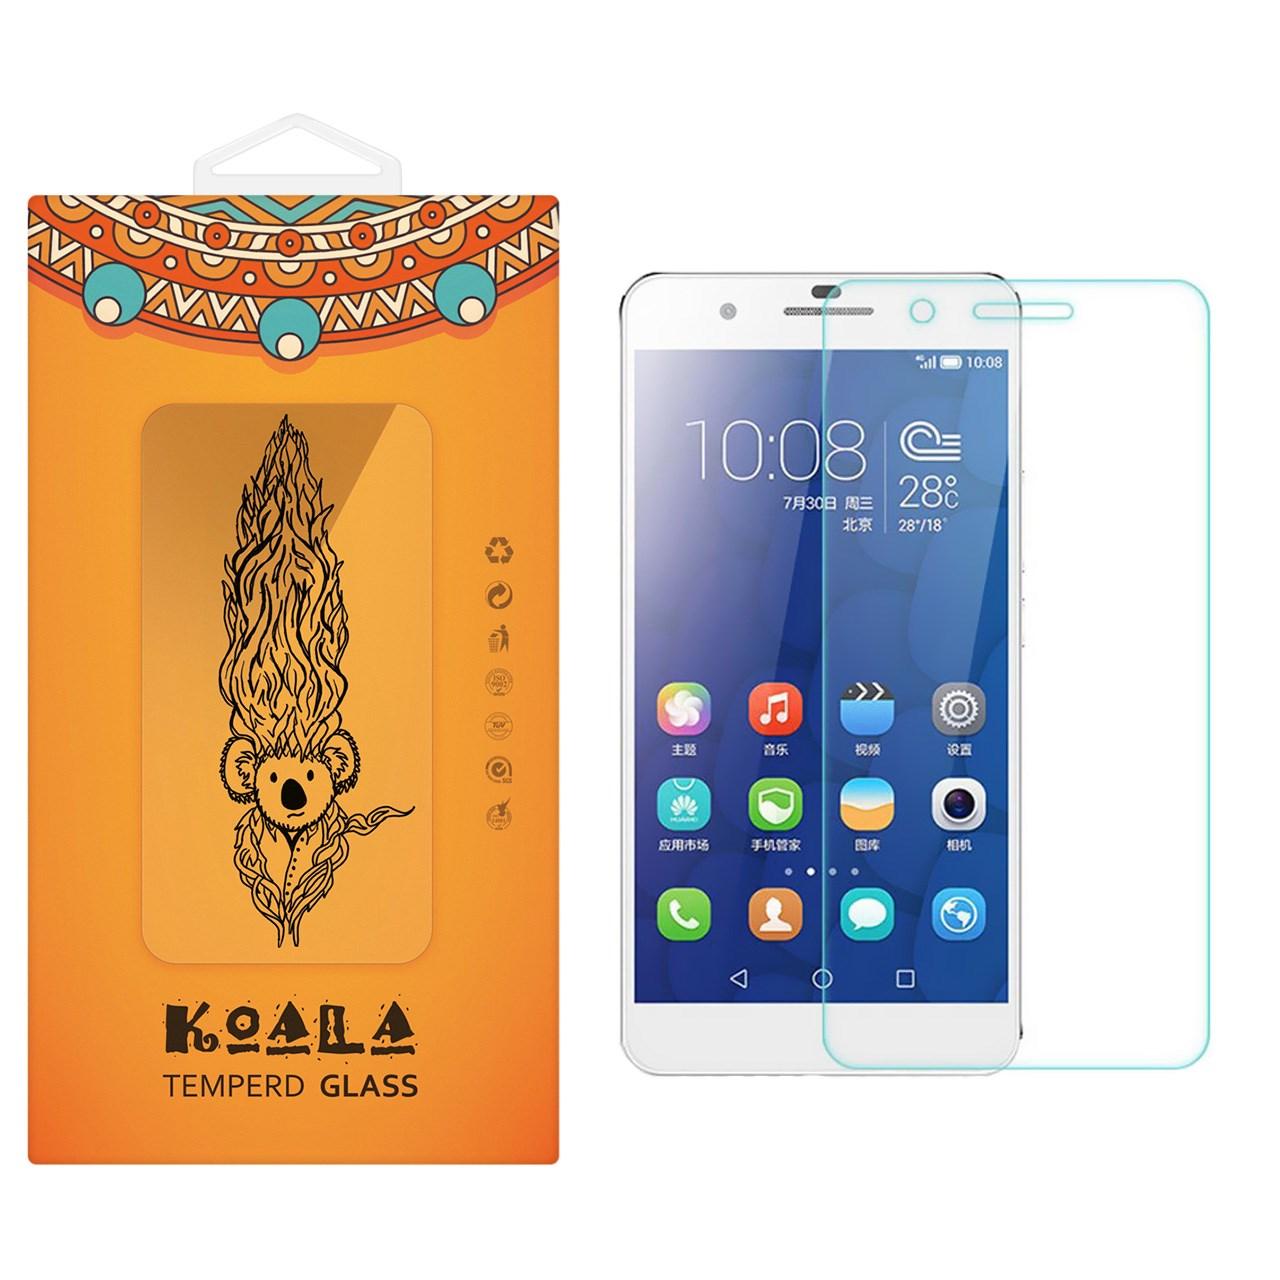 محافظ صفحه نمایش شیشه ای کوالا مدل Tempered مناسب برای گوشی موبایل هوآوی Honor 6